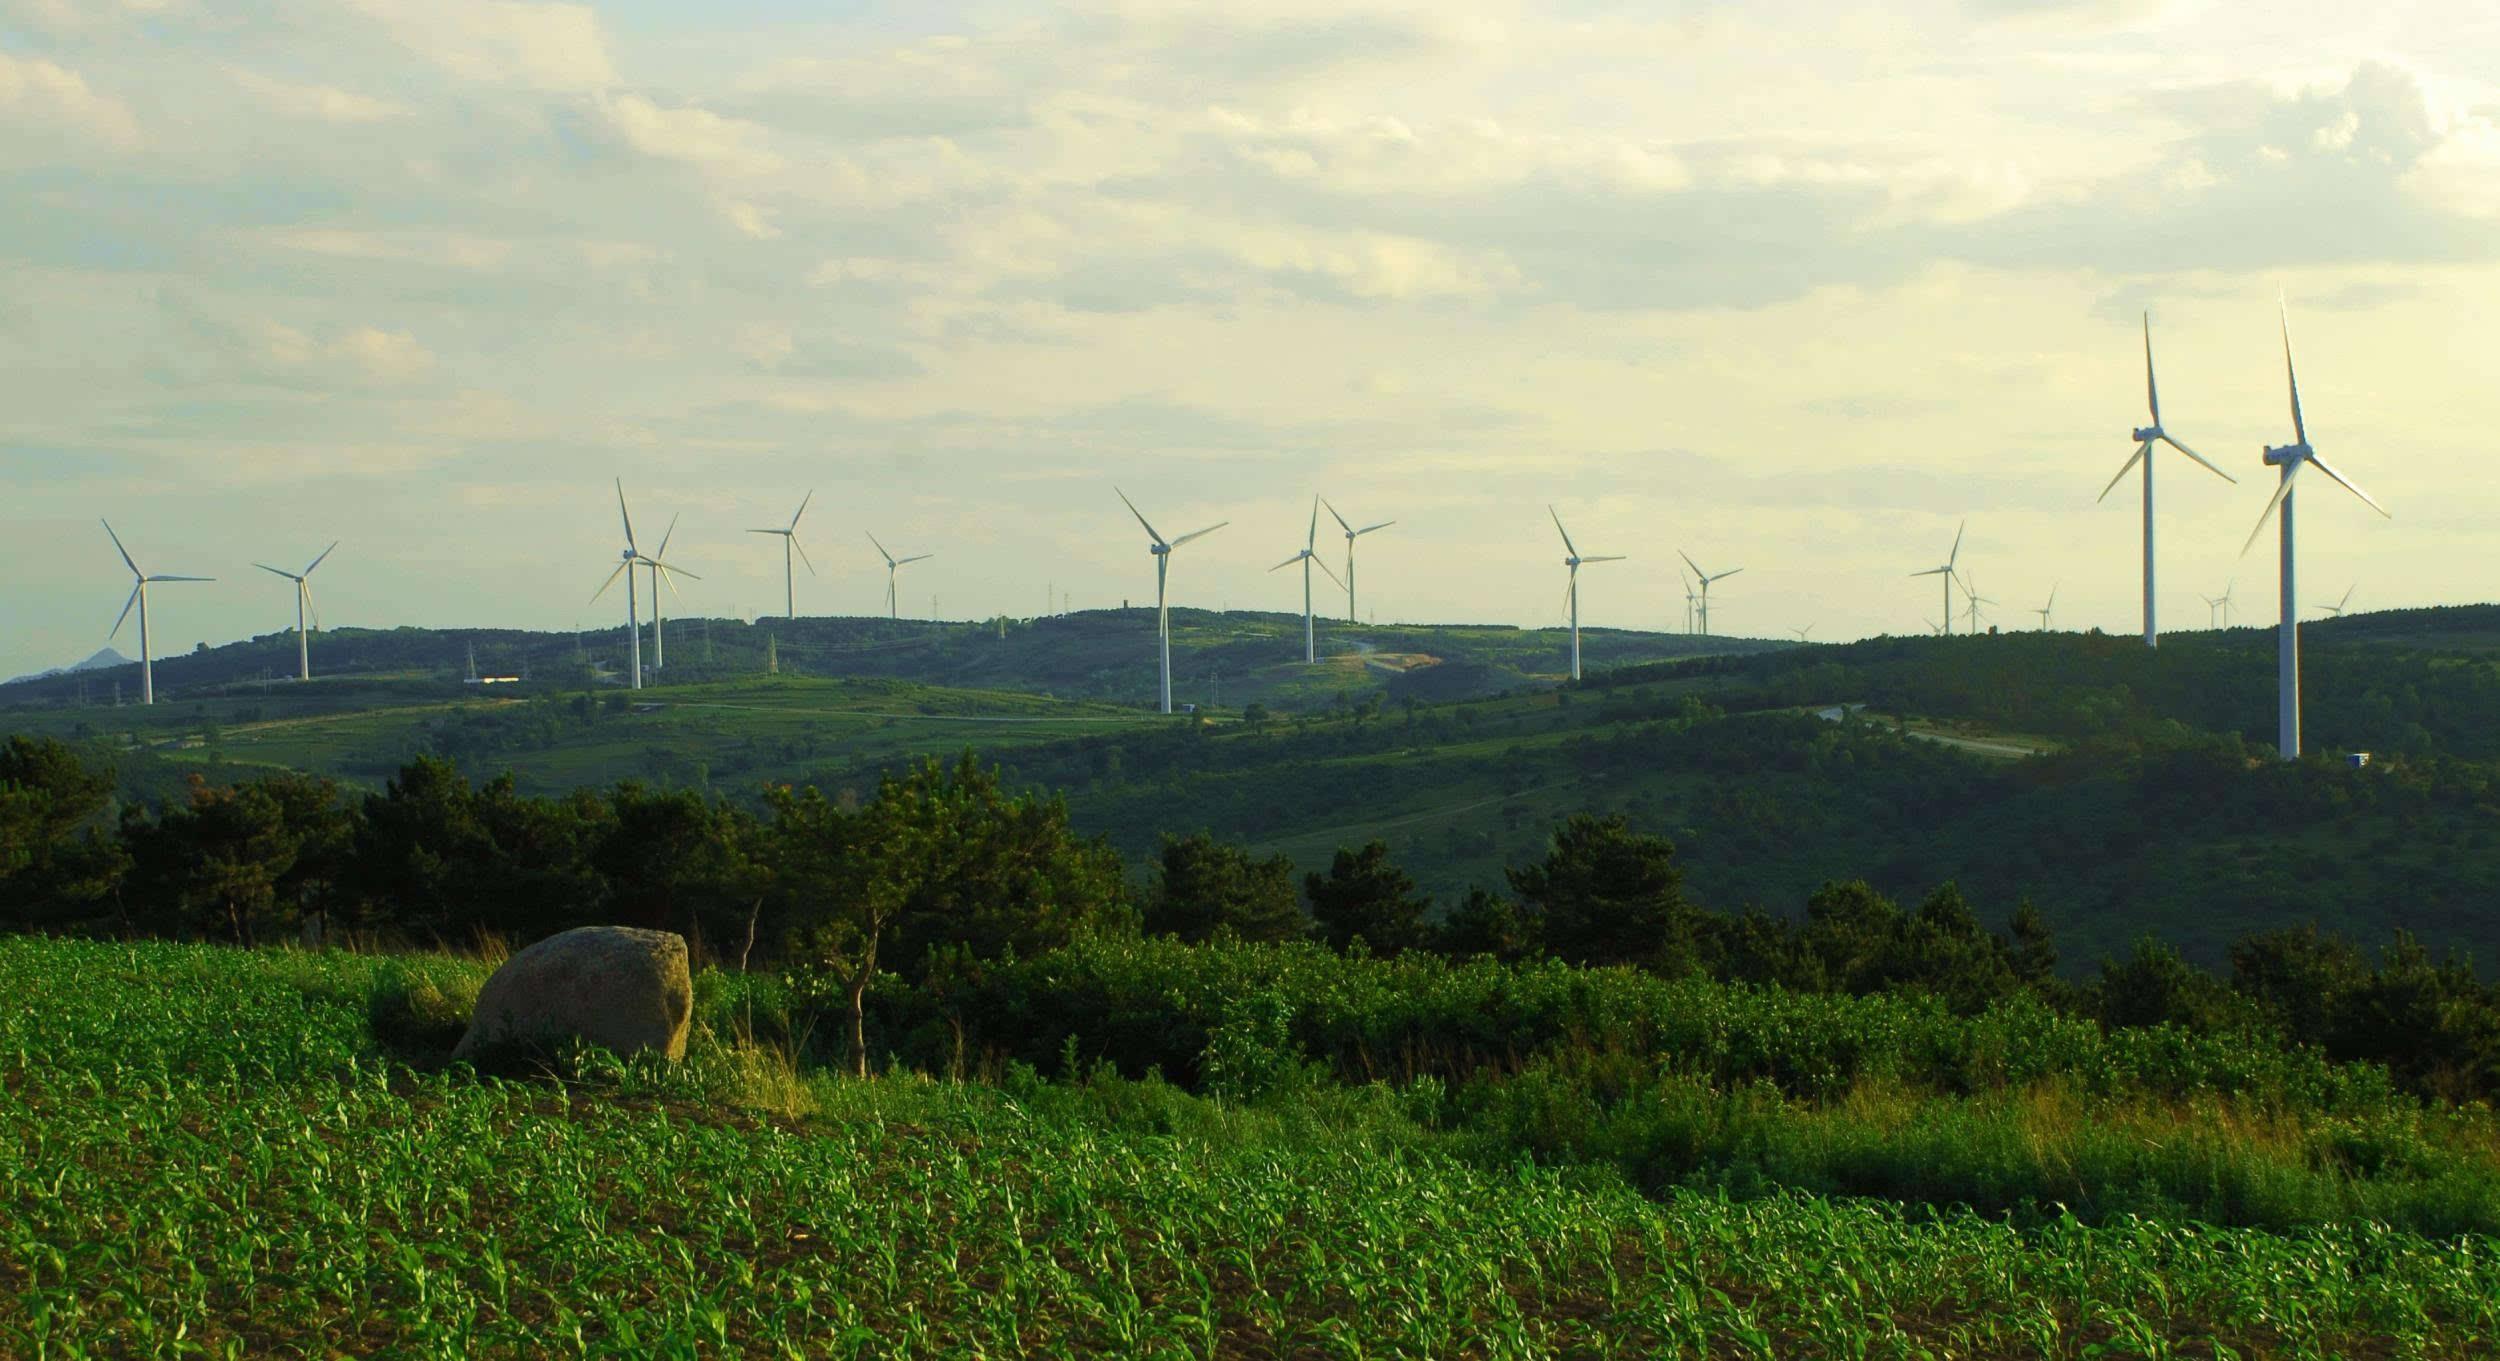 变电站年度工作计划_中国阀企展示传媒平台 - 内蒙古能源局2020年工作计划:建成 ...